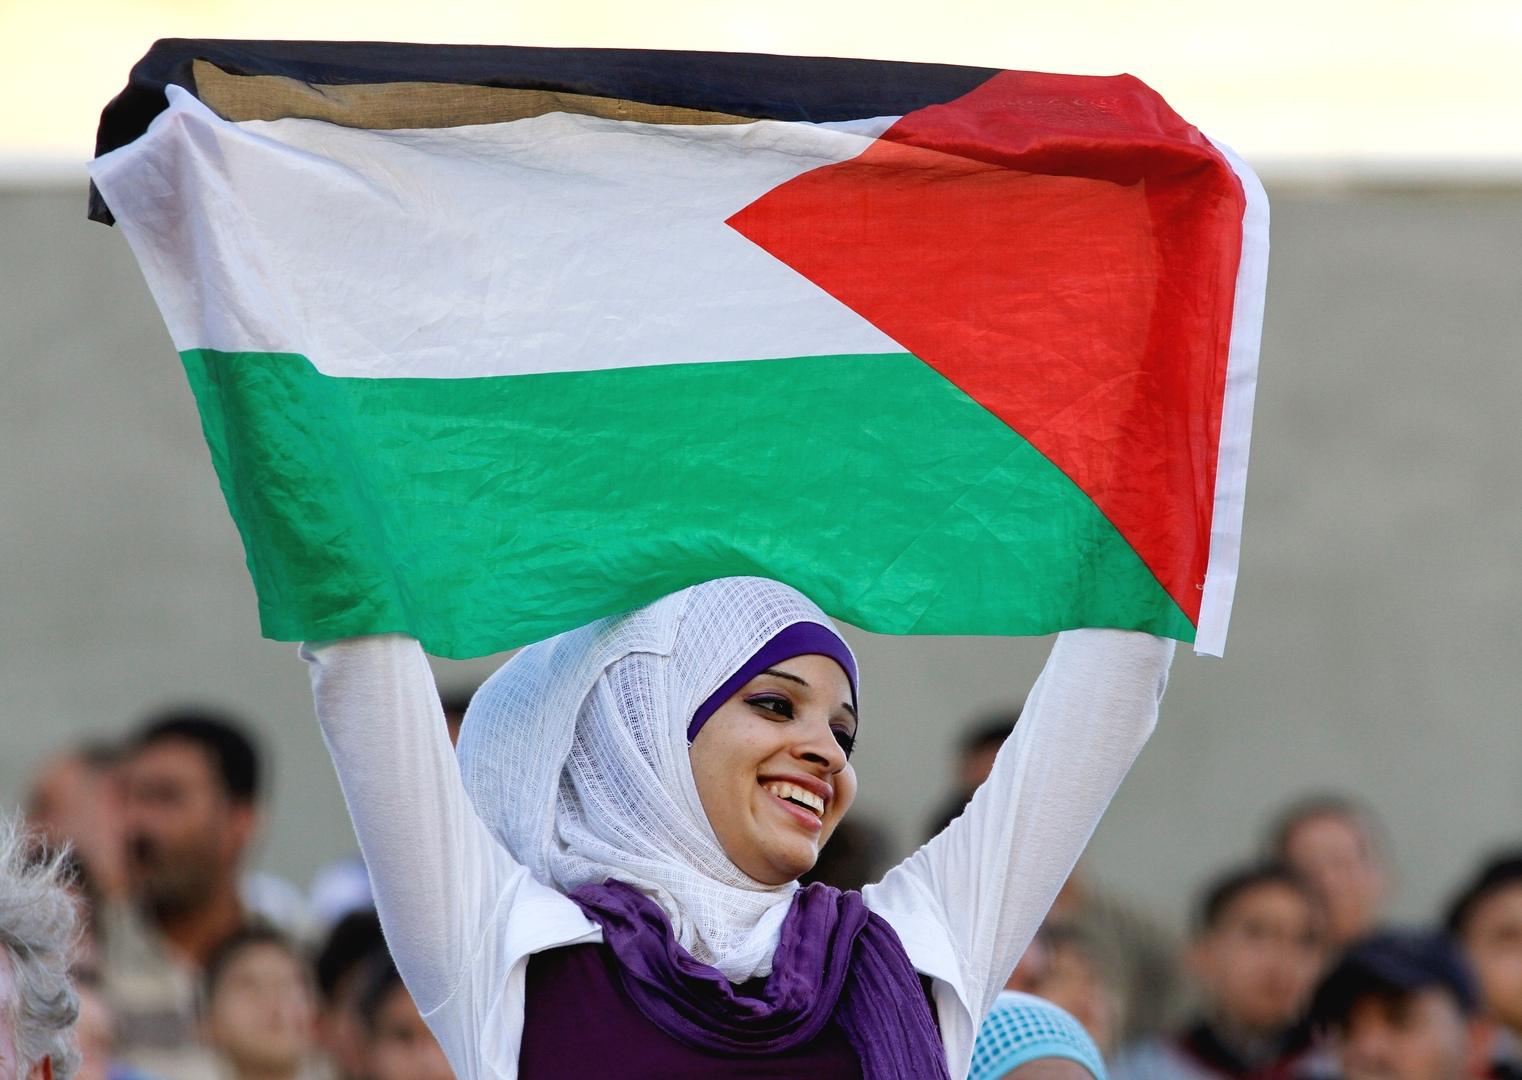 شابة فلسطينية قرب مدينة القدس. الصورة: أرشيف.